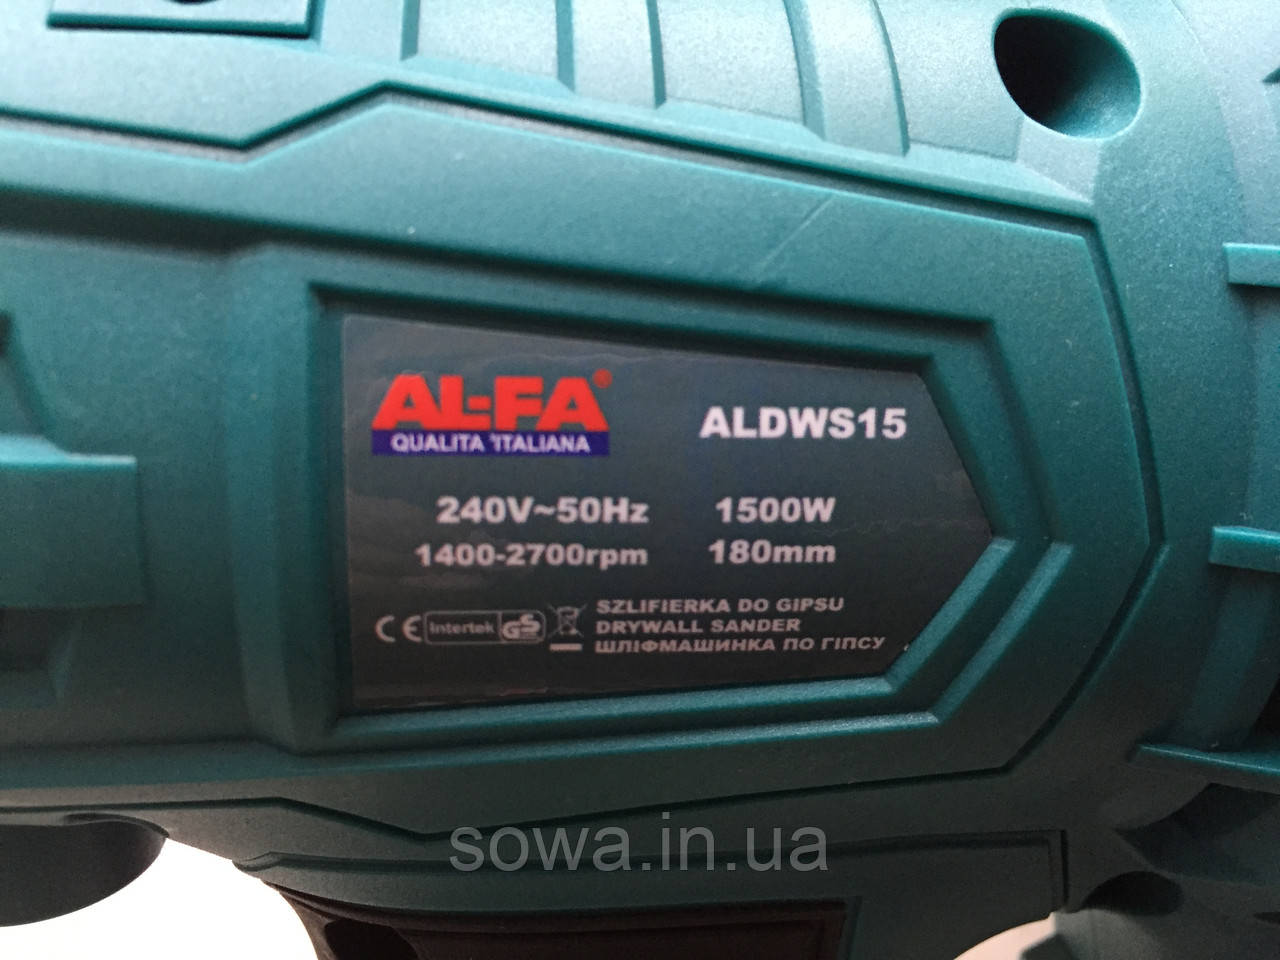 Шлифовальная машина по штукатурке AL-FA ALDWS15 с подсветкой - фото 9